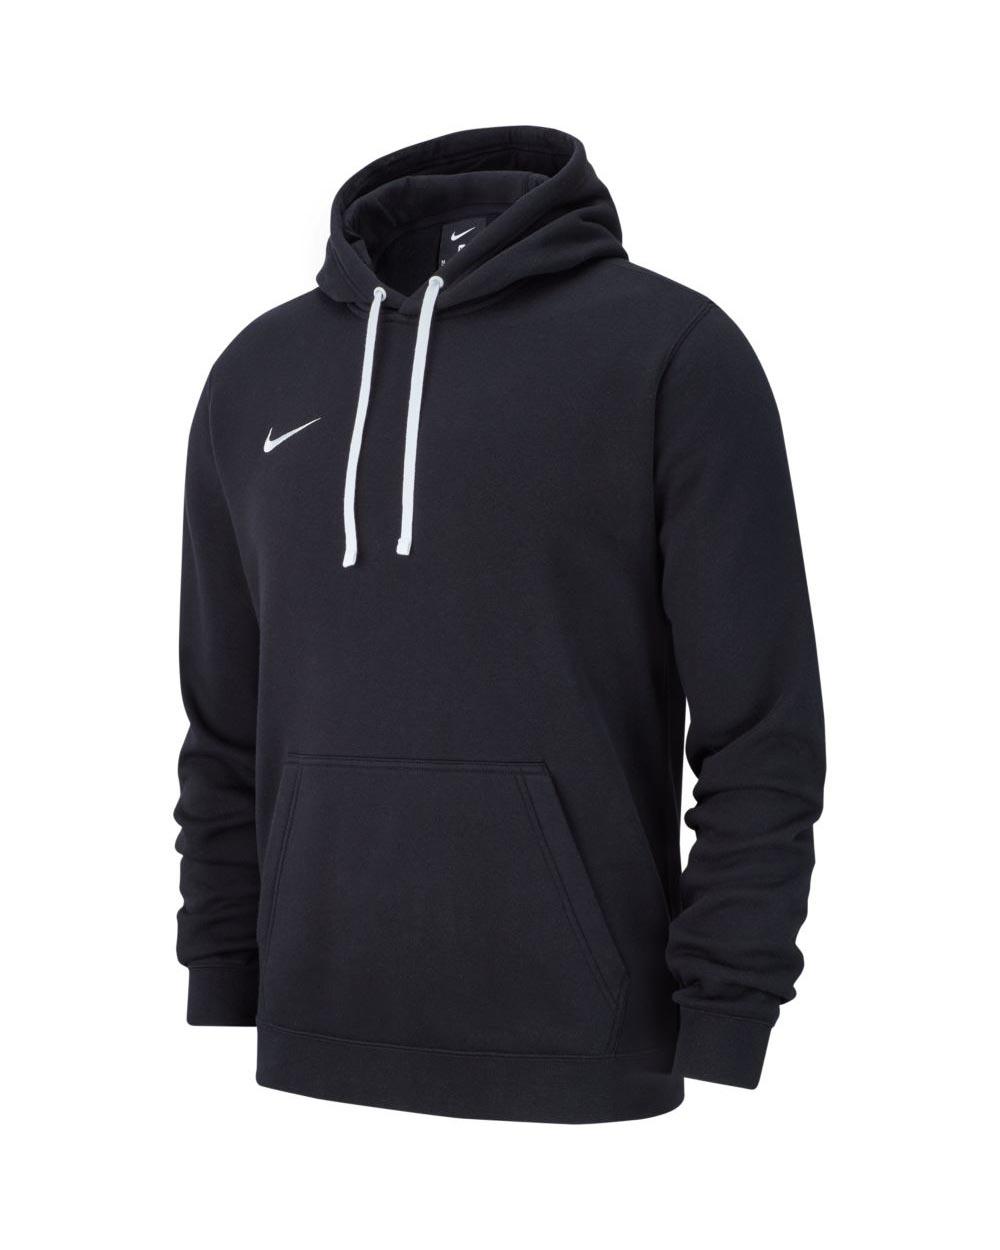 19 meilleurs sweats à capuche Nike pour hommes (Critique) en